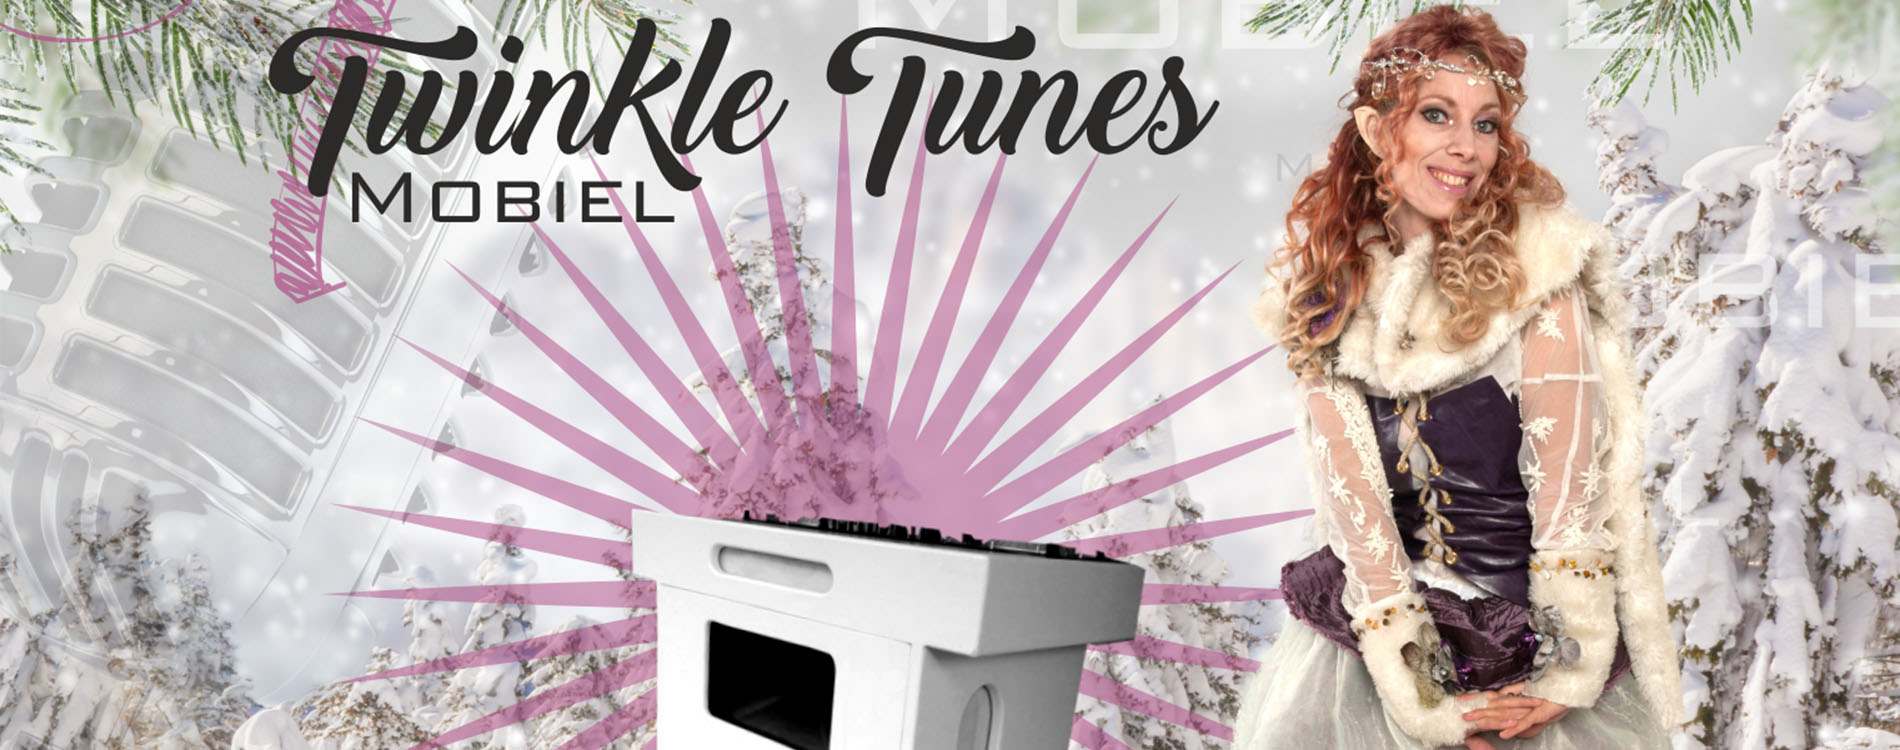 Kerstact Mobiele DJ Twinkle Tunes